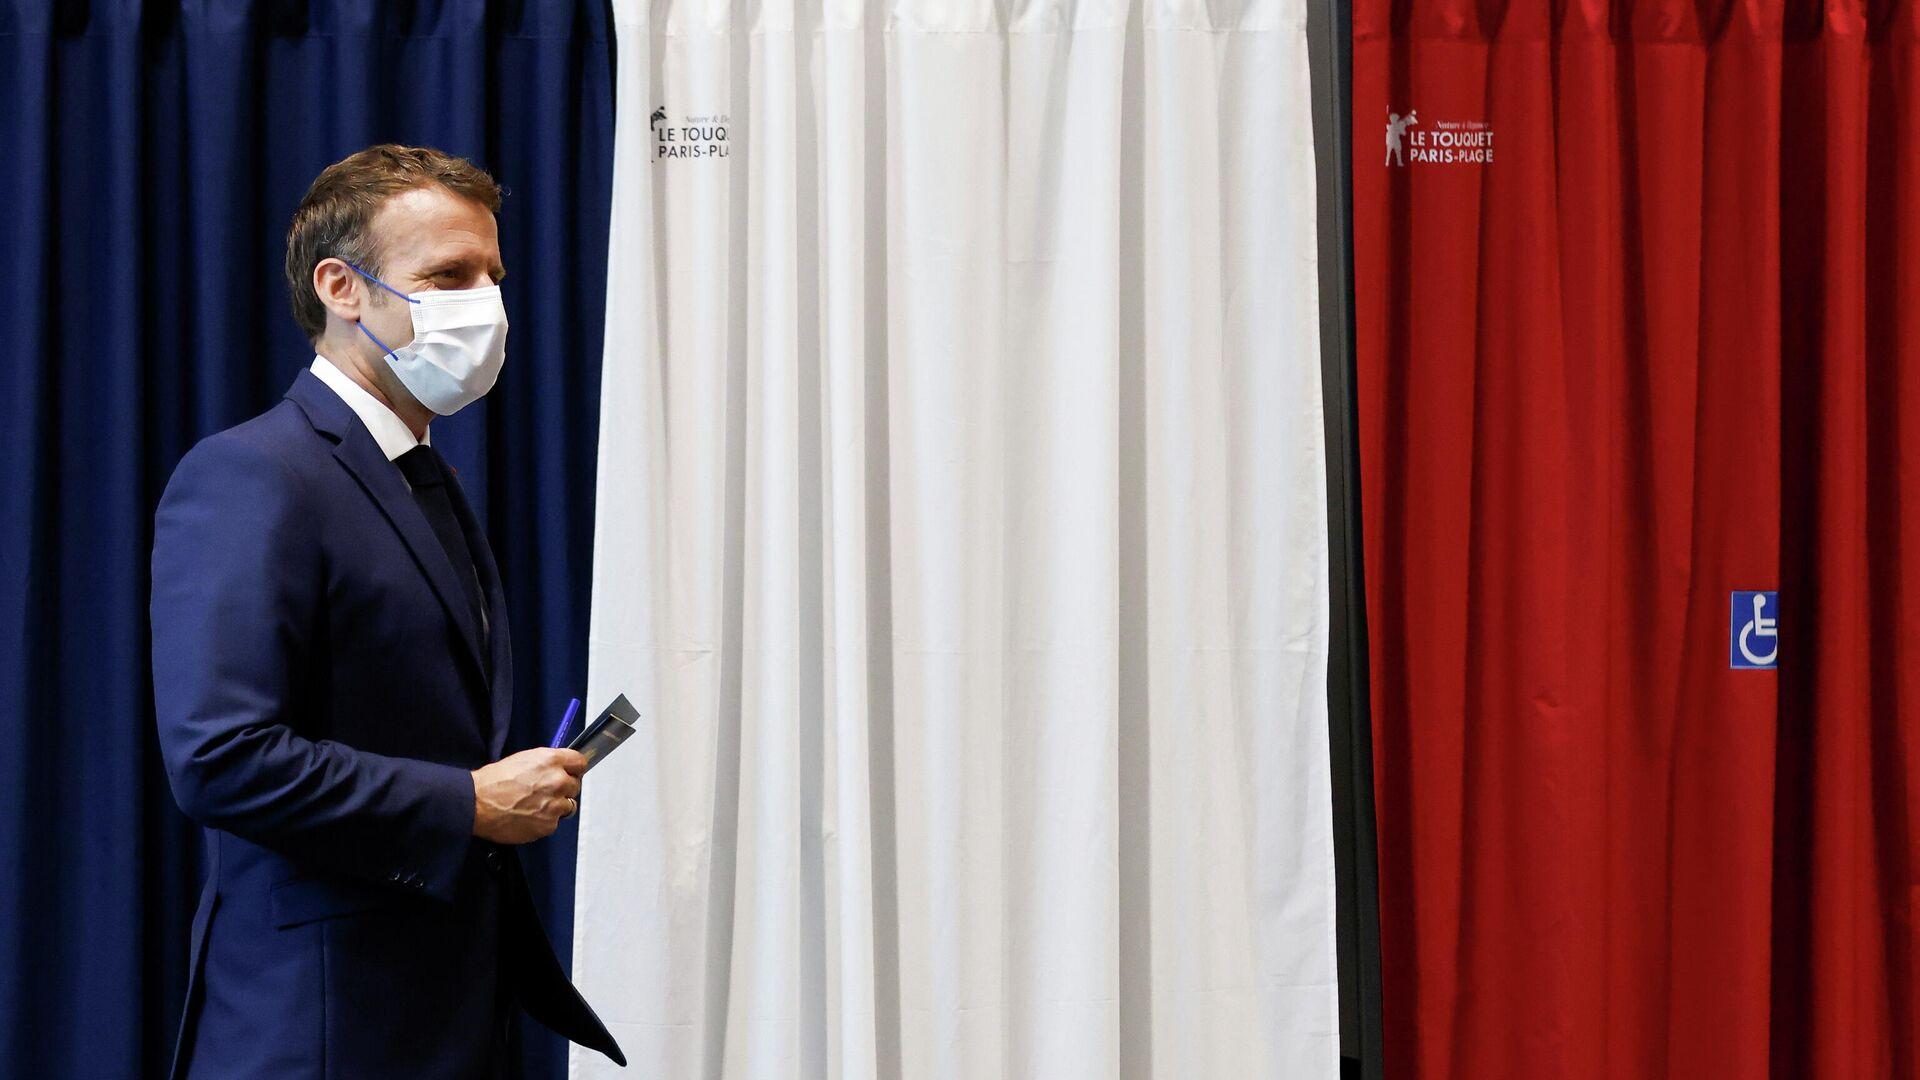 El presidente de Francia, Emmanuel Macron, vota en las elecciones regionales - Sputnik Mundo, 1920, 28.06.2021